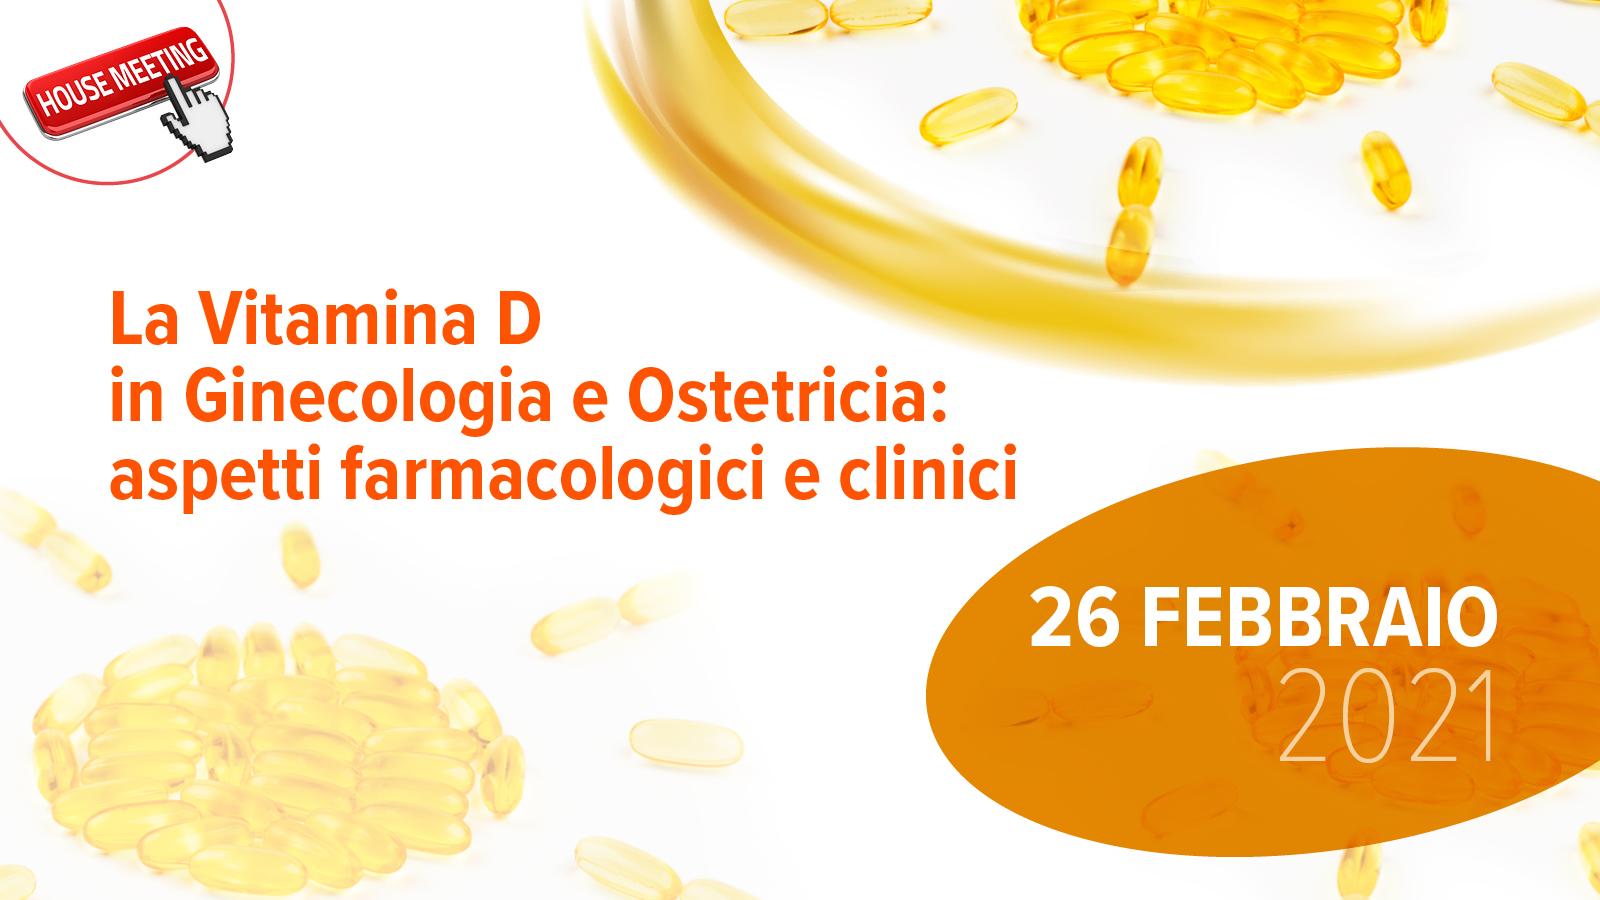 La vitamina D in ginecologia ed ostetricia: Aspetti farmacologici e clinici